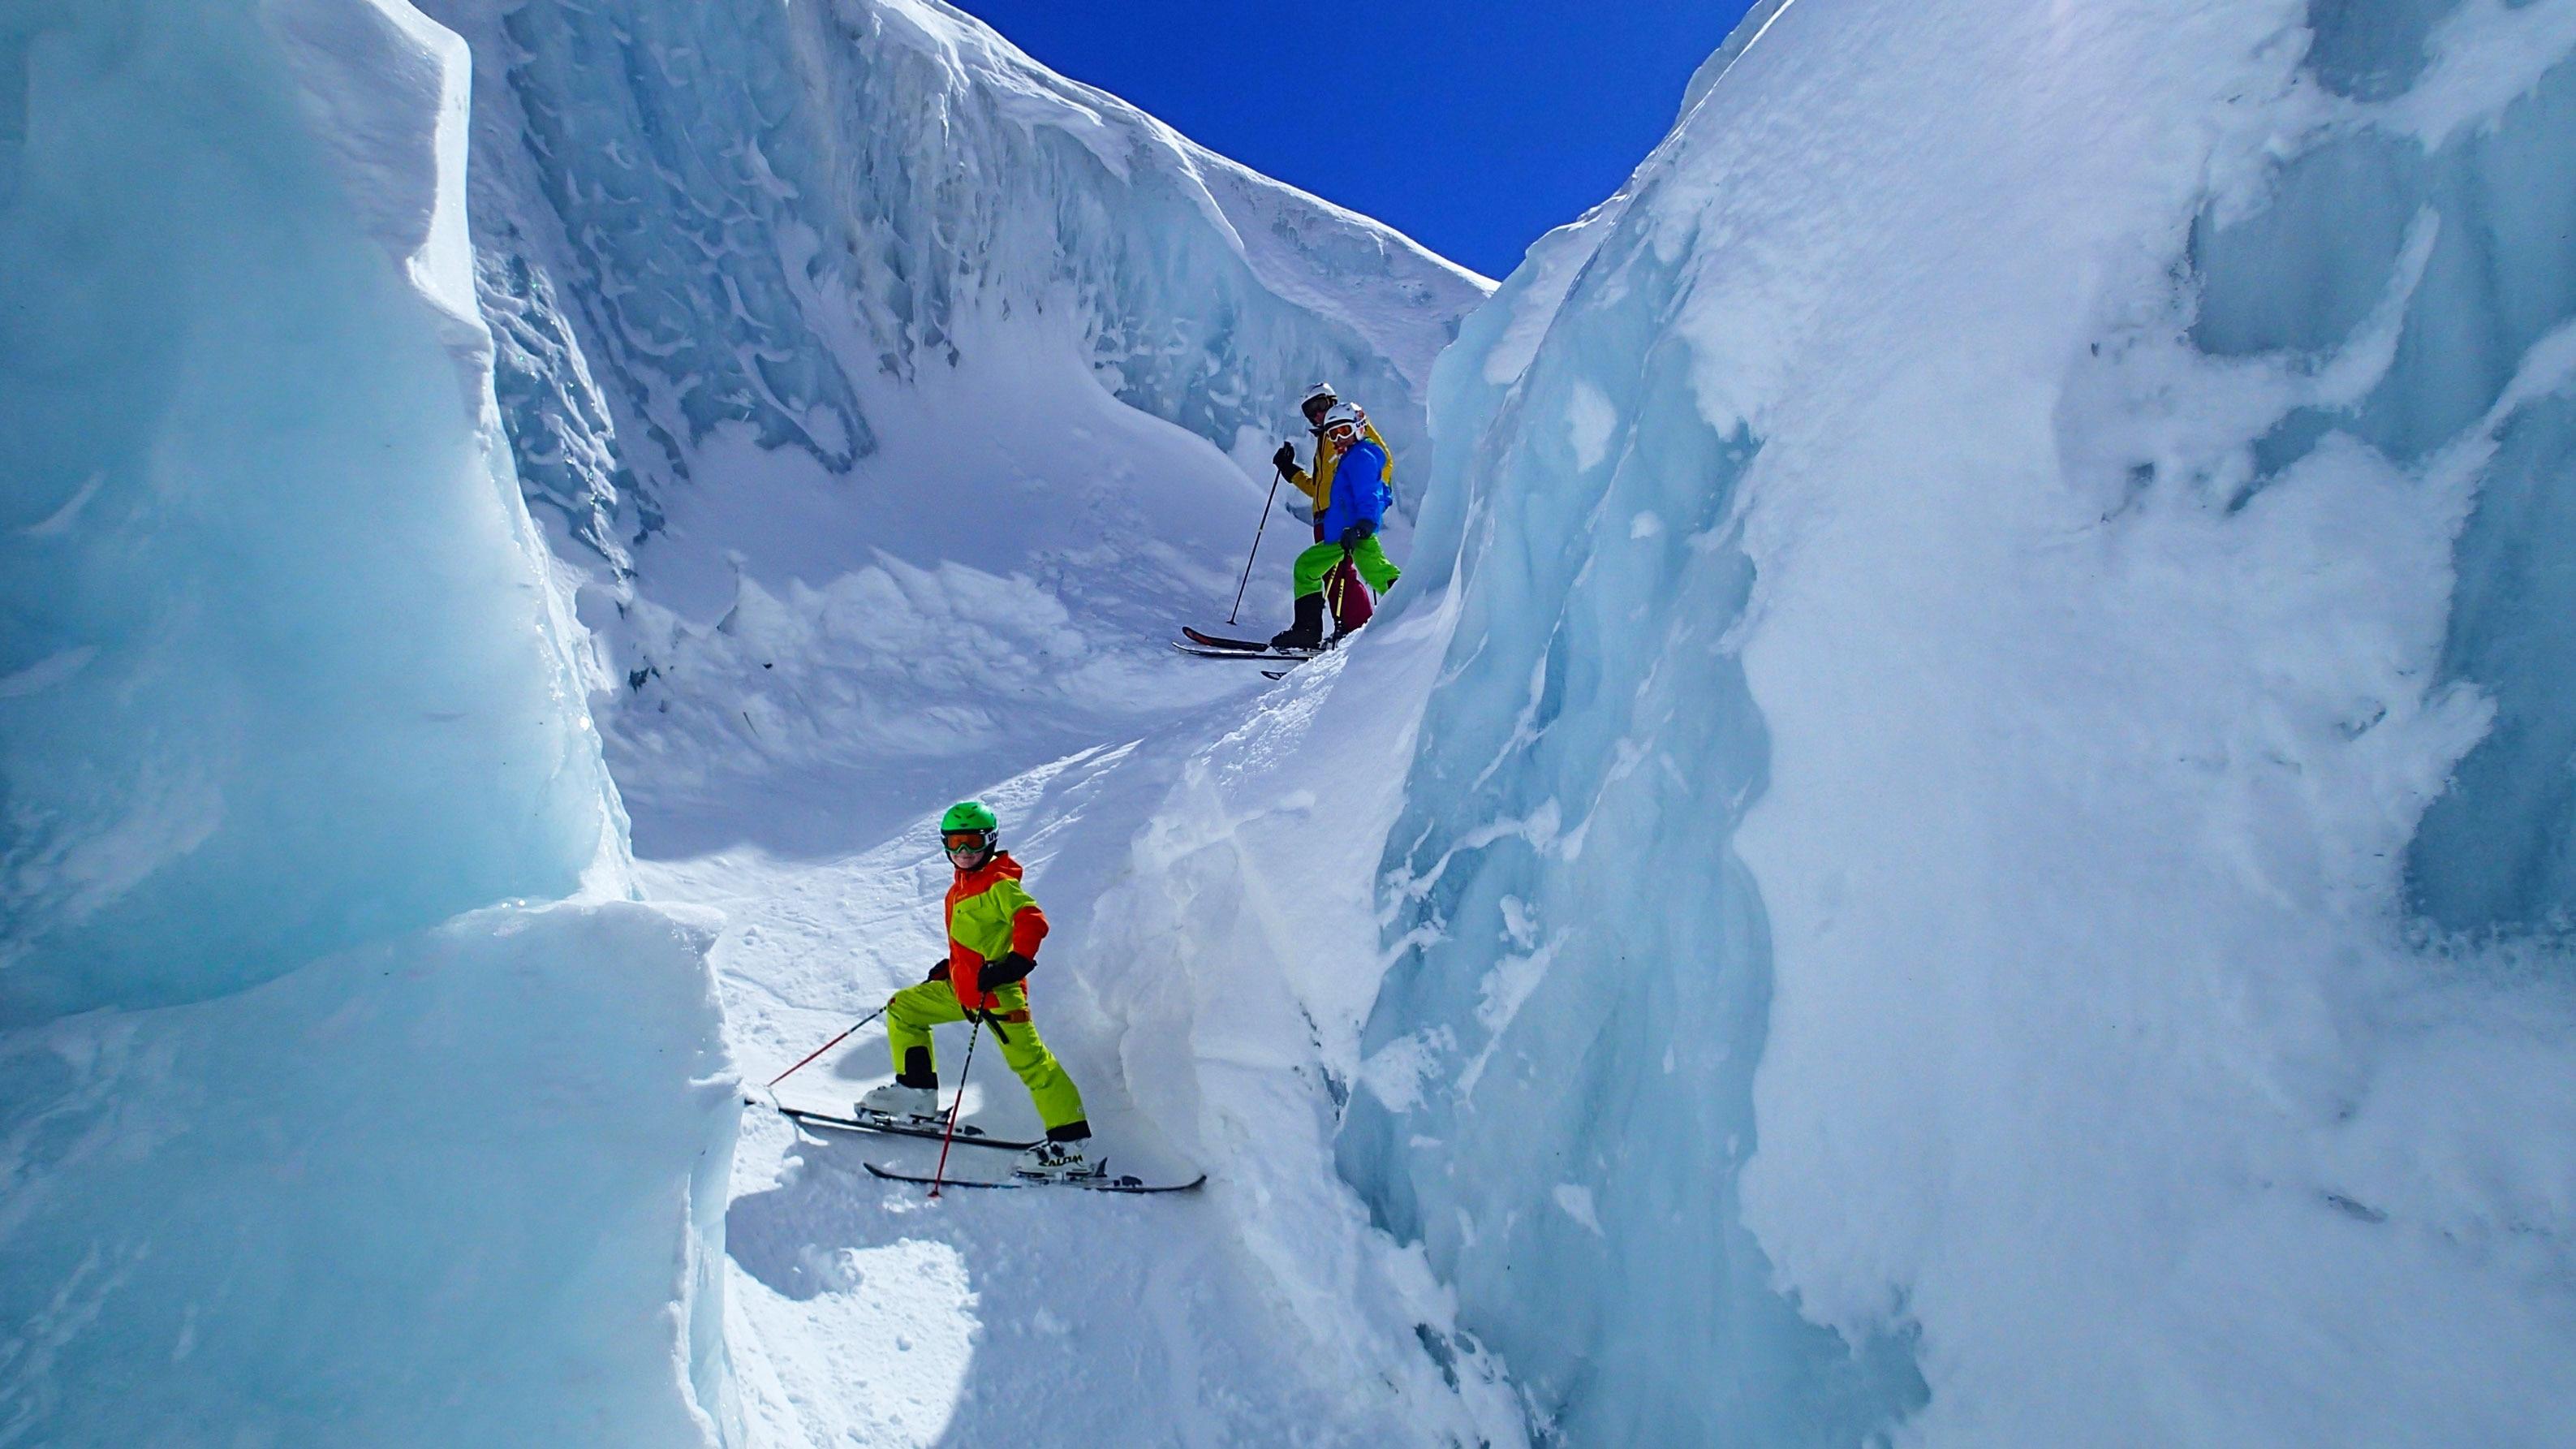 Klettergurt Für Gletscher : Mit kindern am gletscher tipps vom profi bergwelten